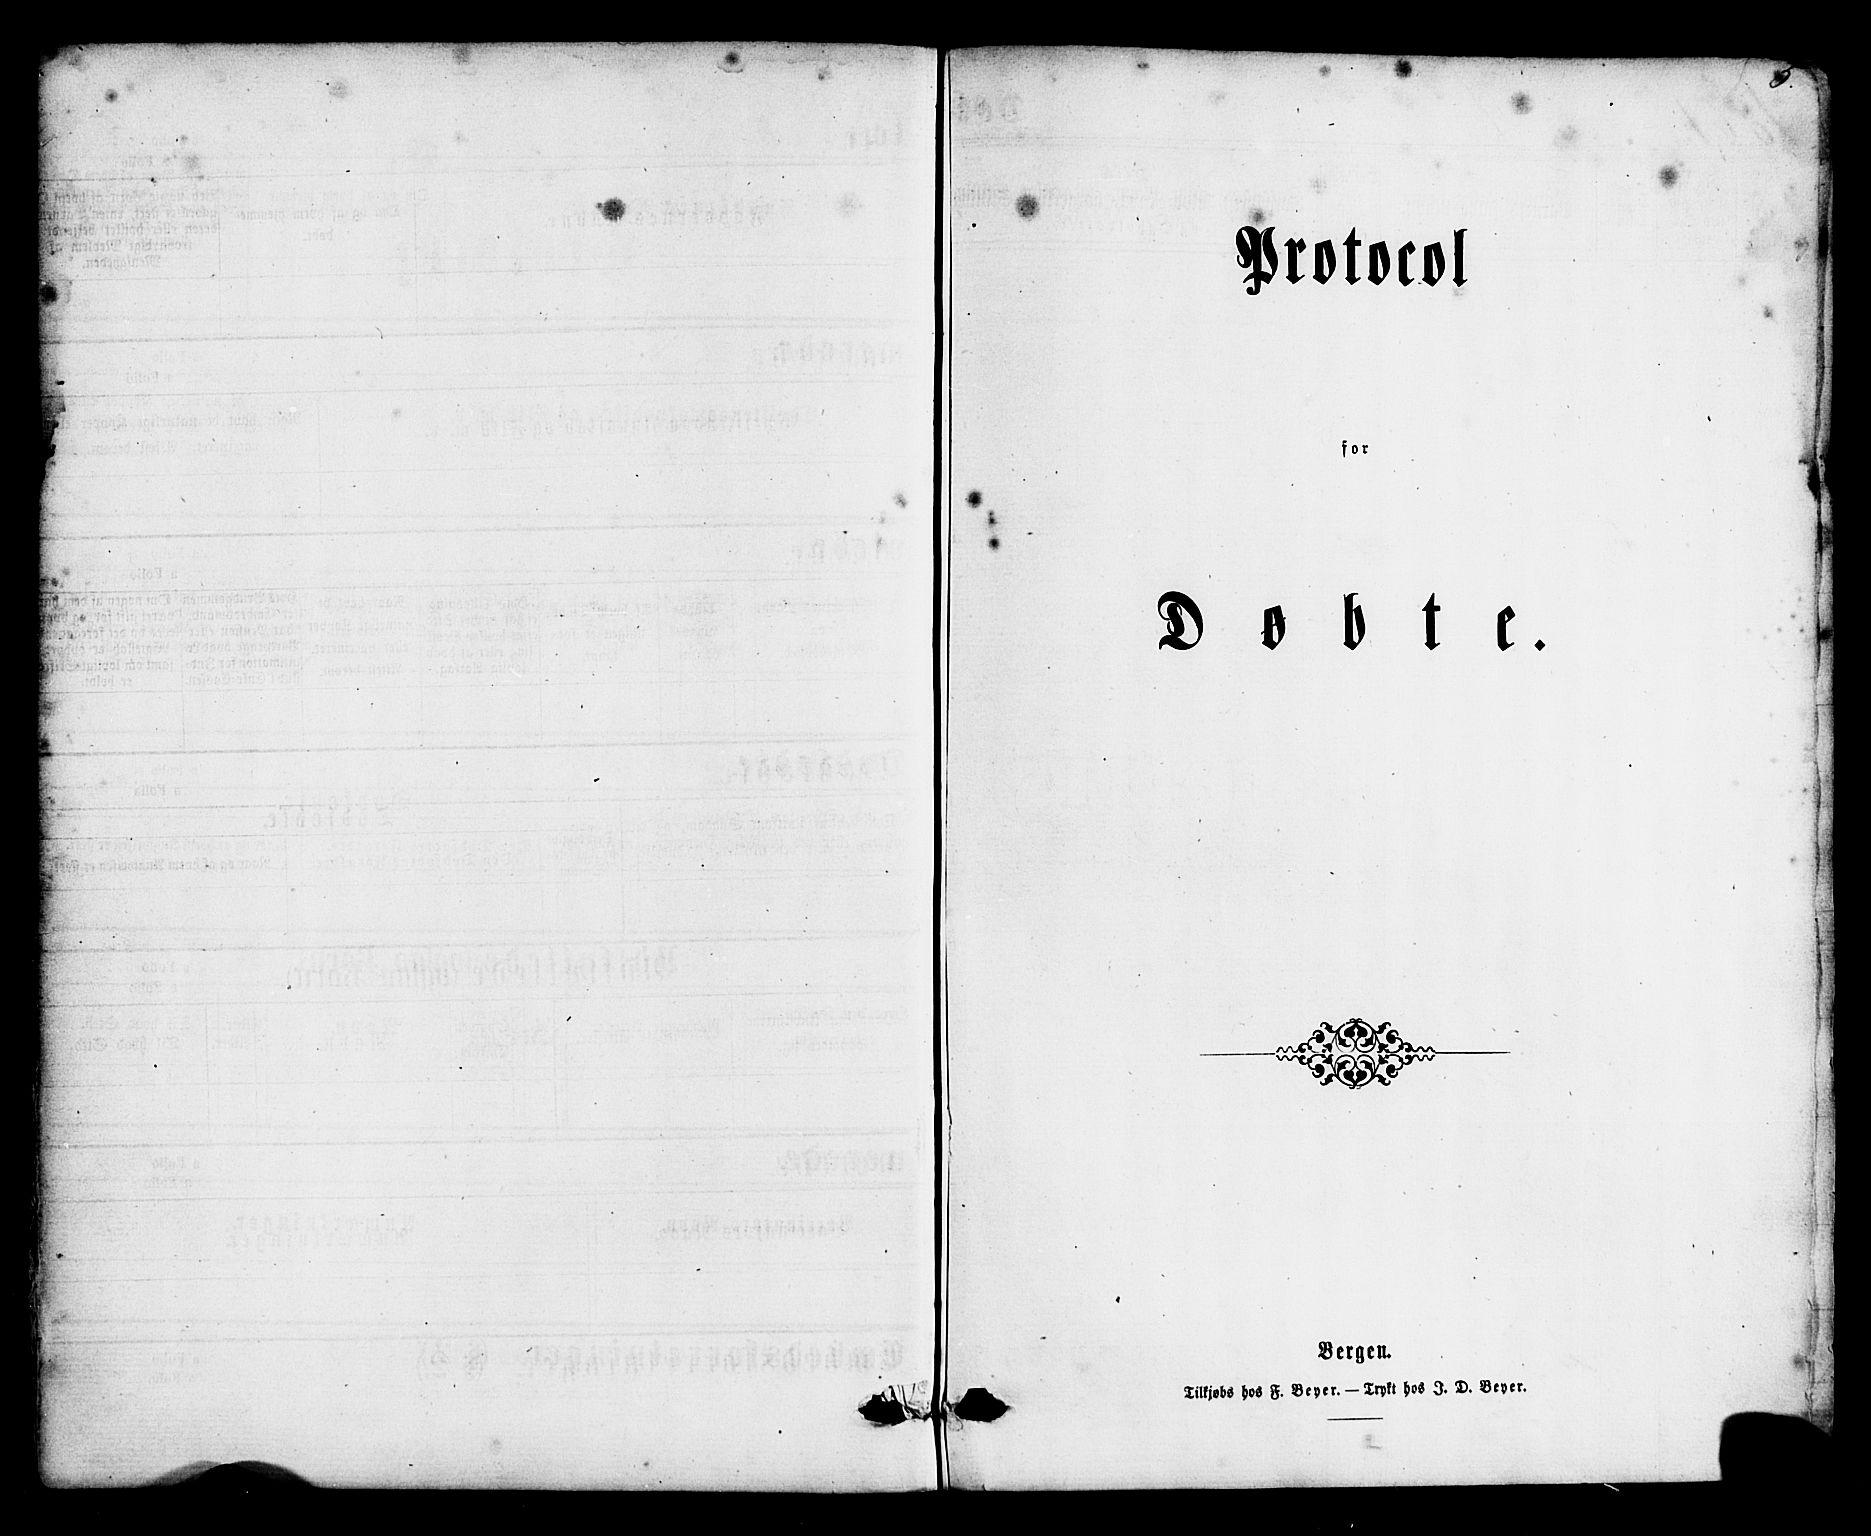 SAB, Hyllestad Sokneprestembete, Ministerialbok nr. A 1, 1861-1886, s. 3